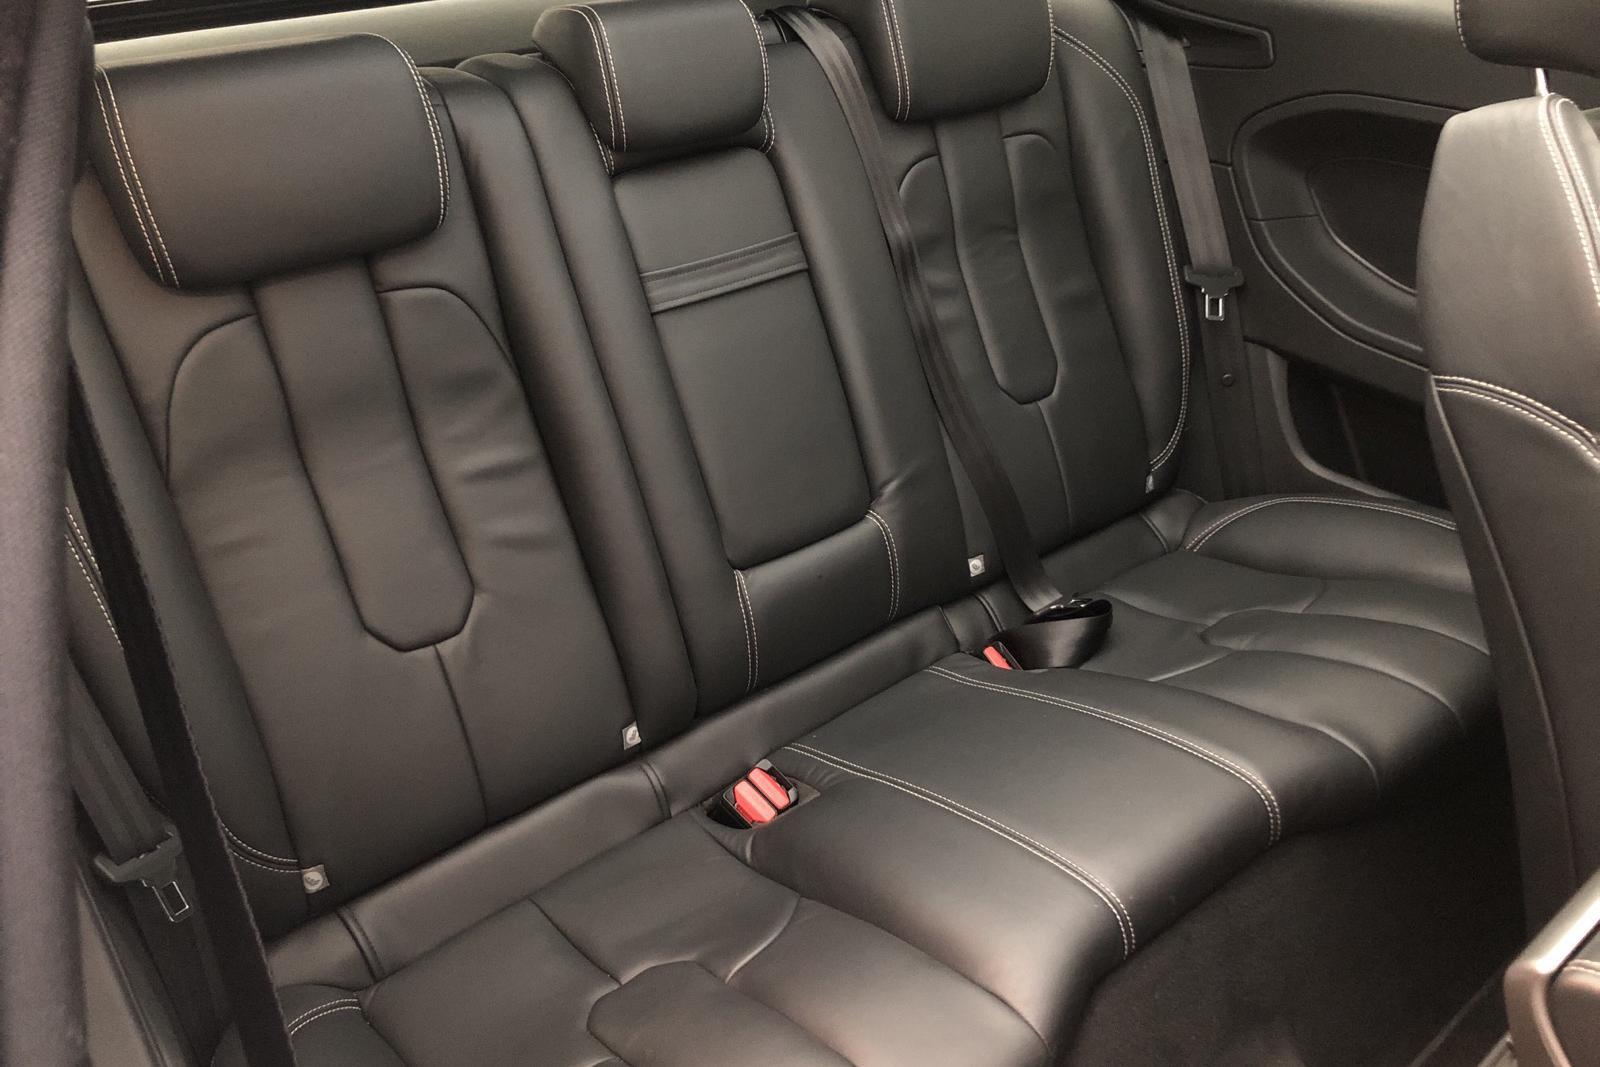 Land Rover Range Rover Evoque 2.2 SD4 Coupé (190hk) - 176 000 km - black - 2012